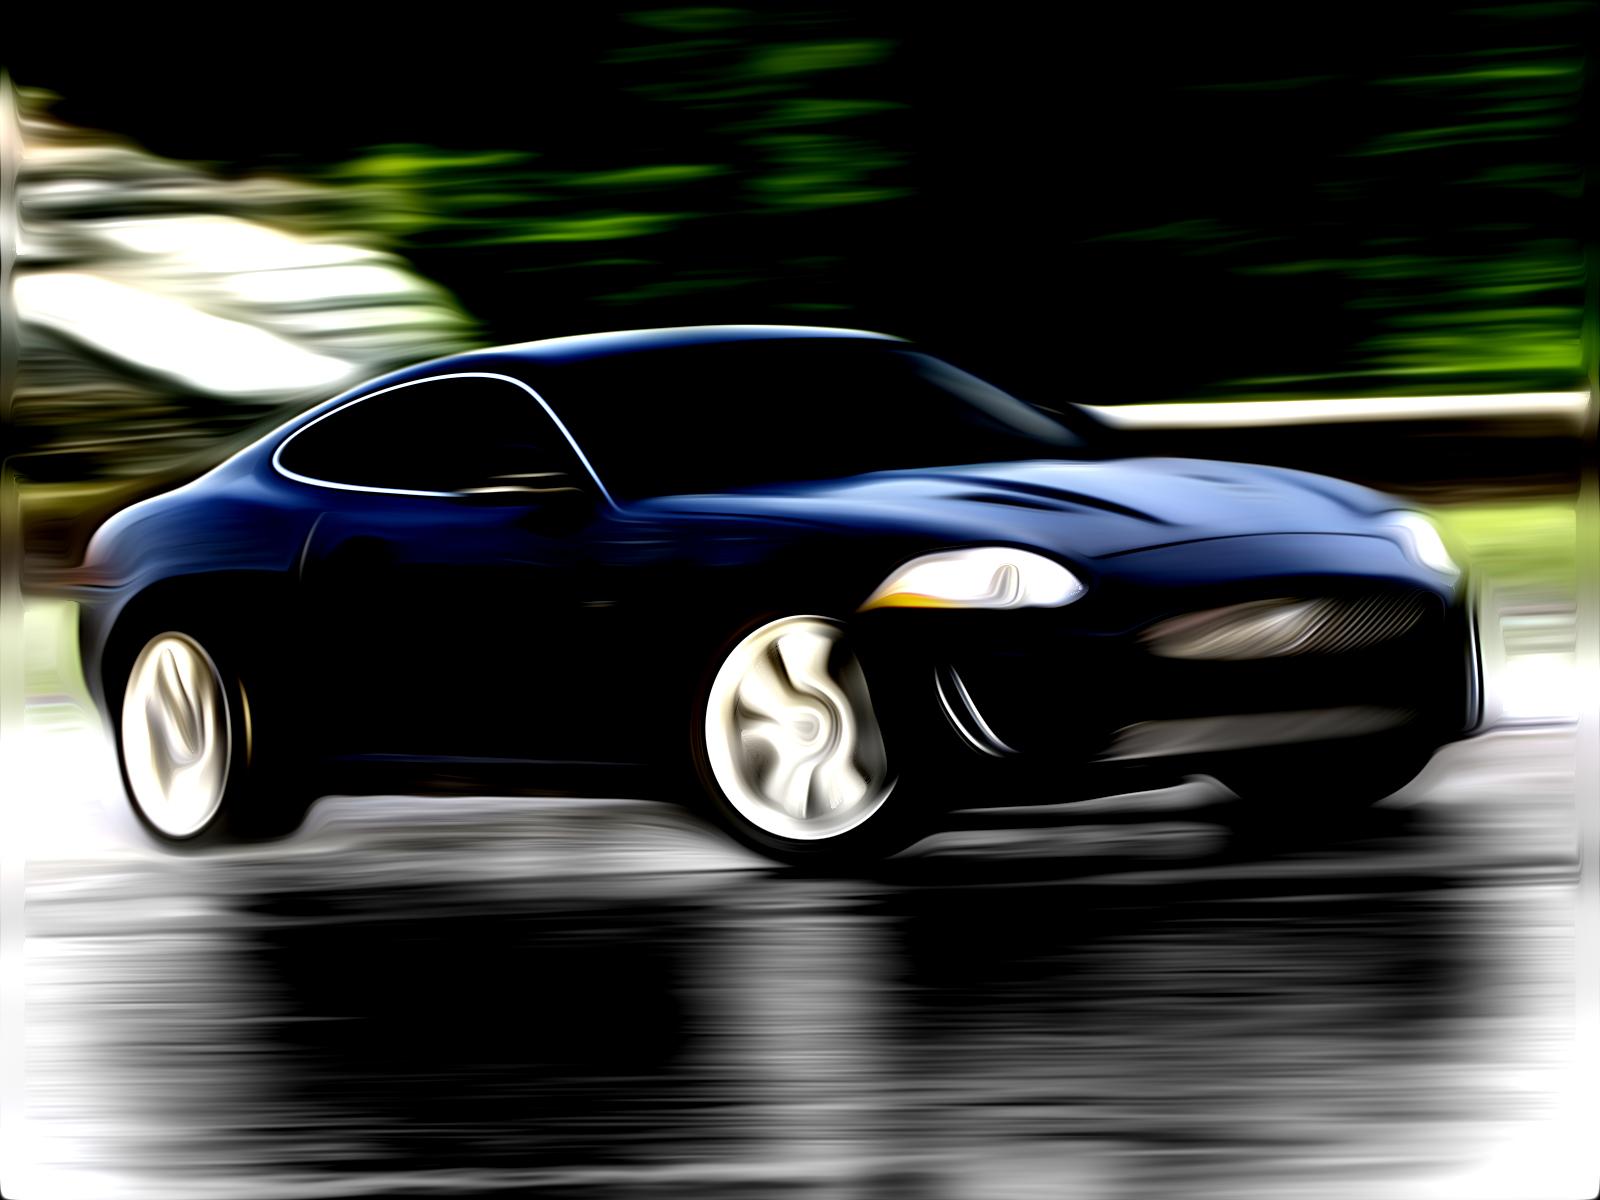 Jaguar XKR Painted